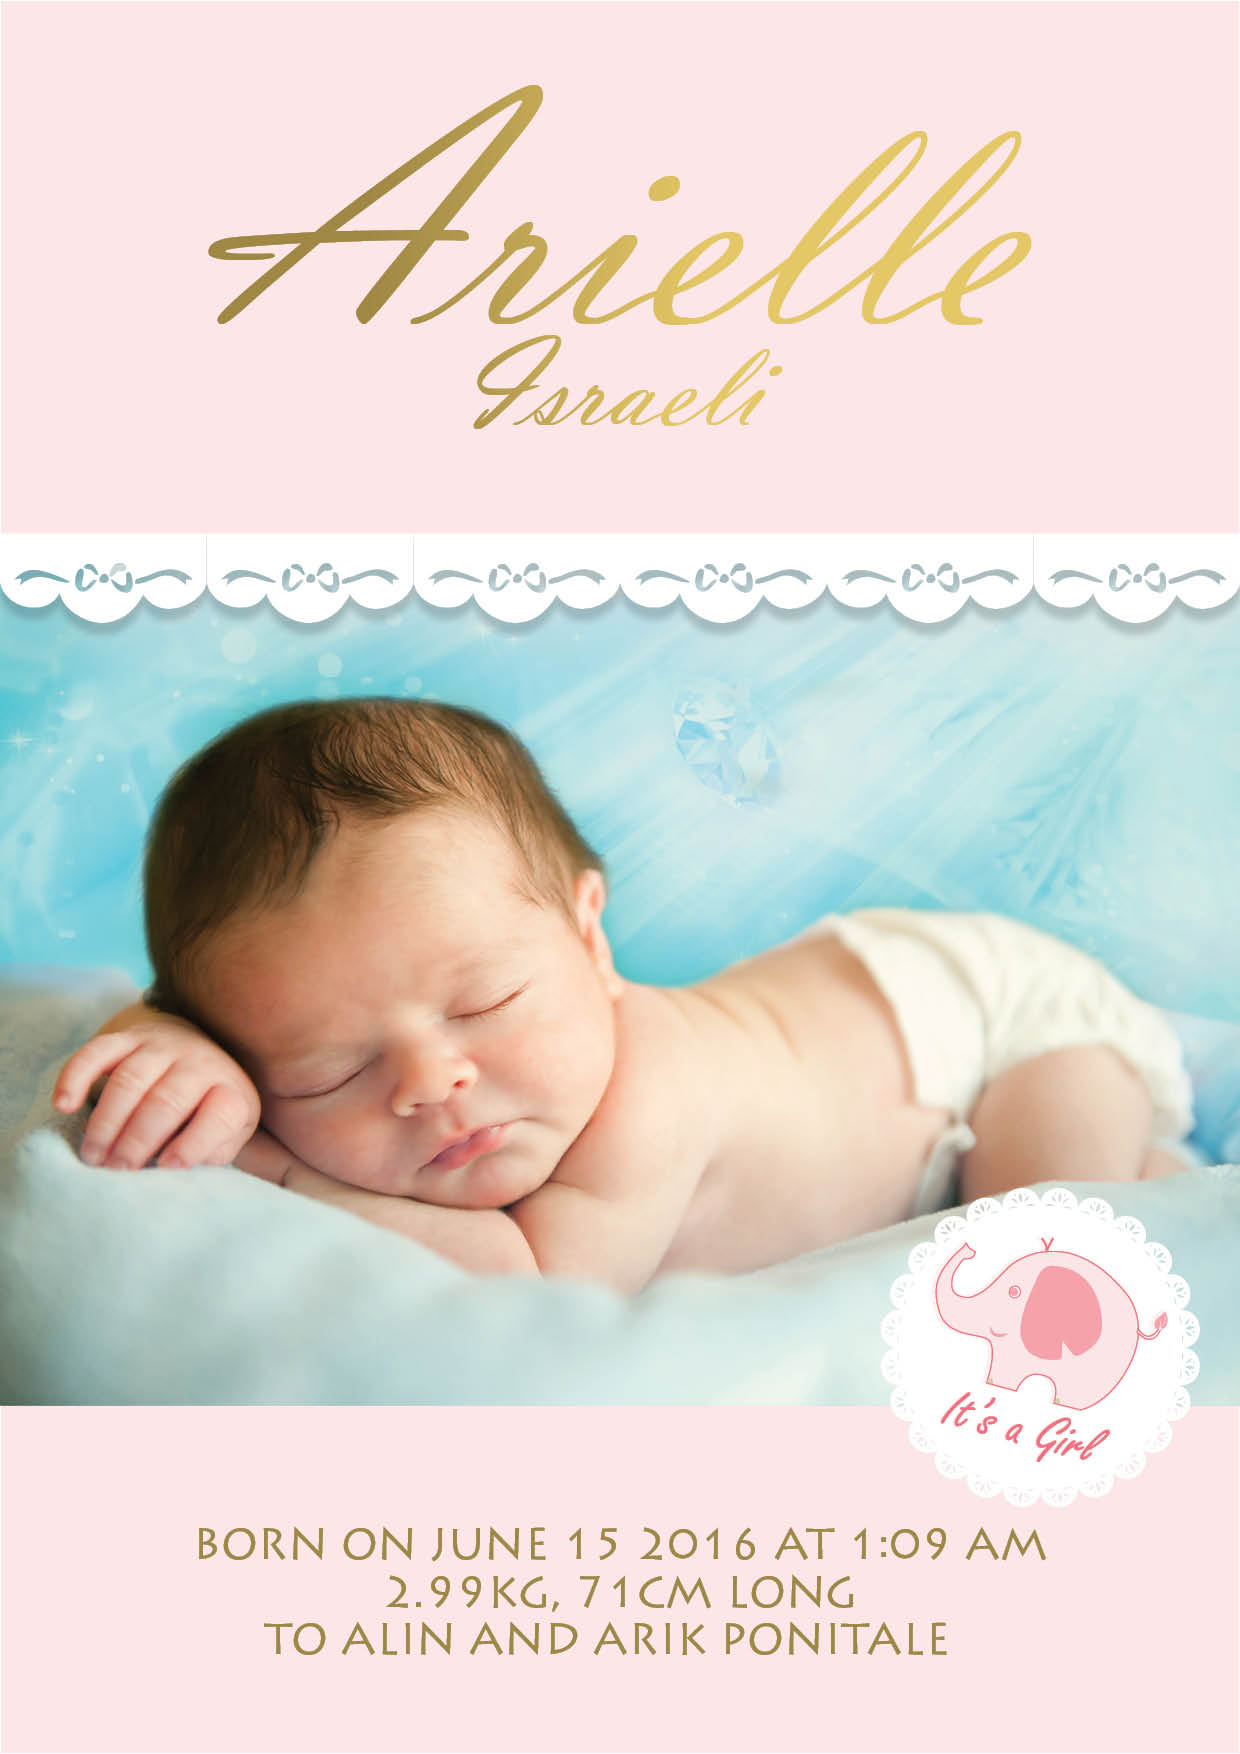 תעודת לידה- ורוד בייבי